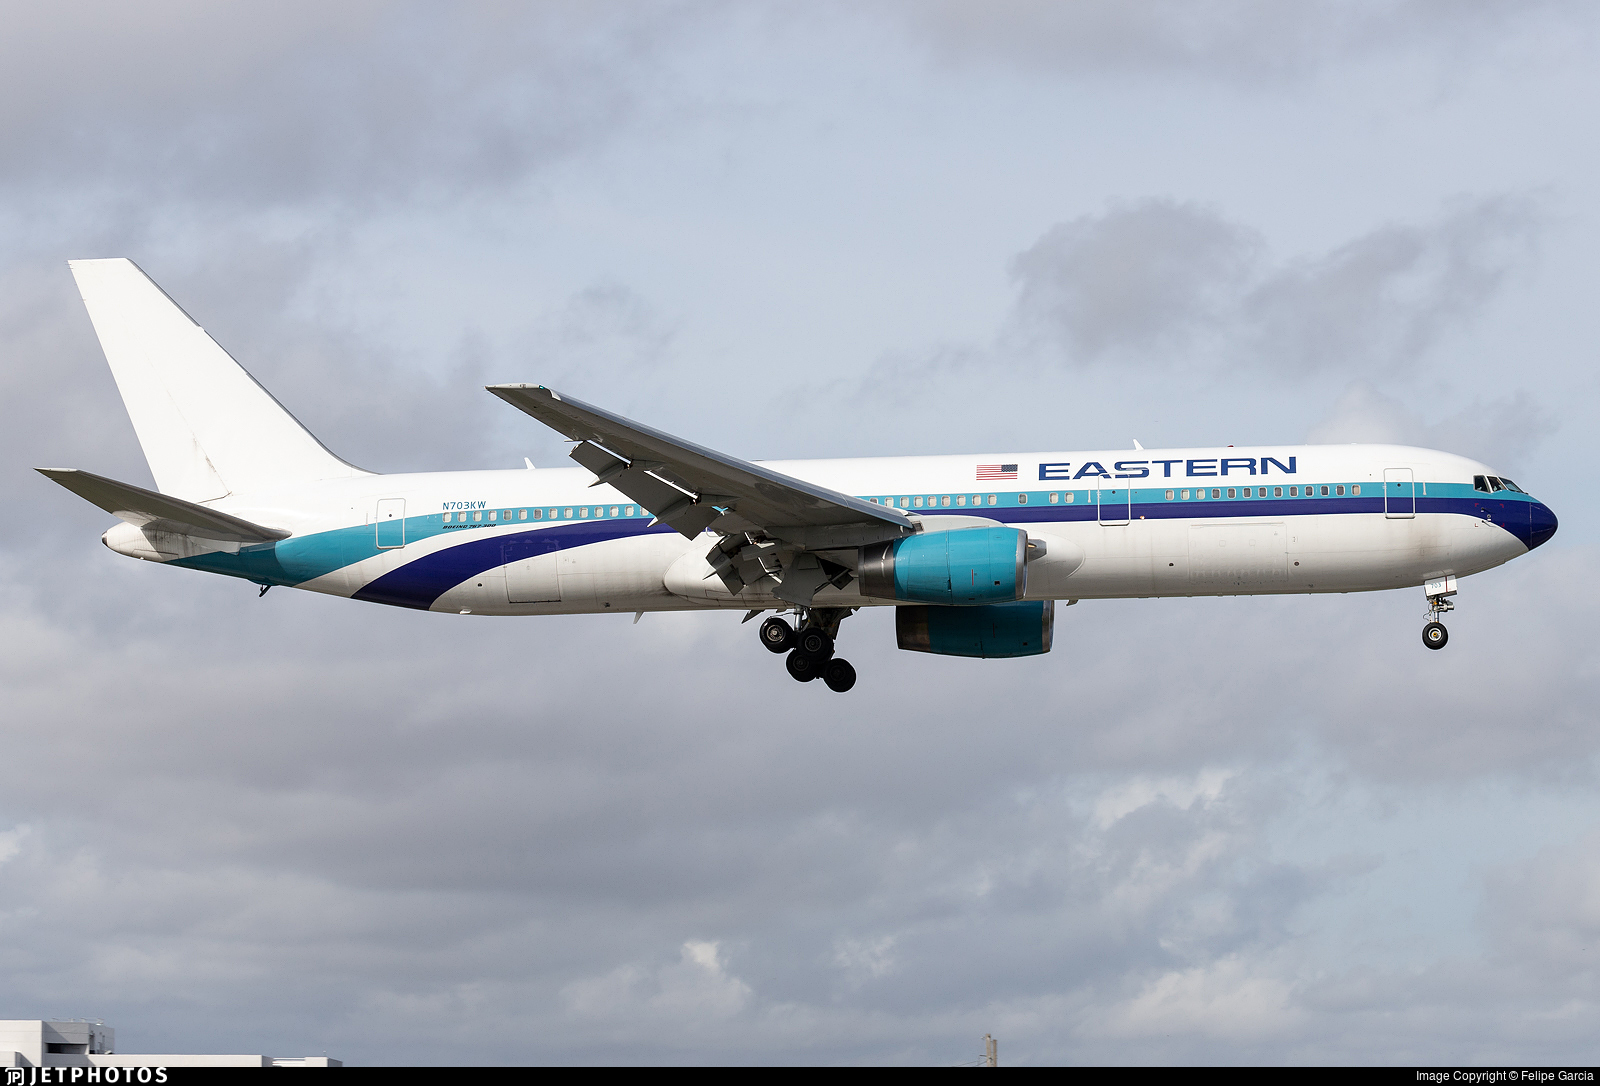 N703KW - Boeing 767-336(ER) - Eastern Airlines